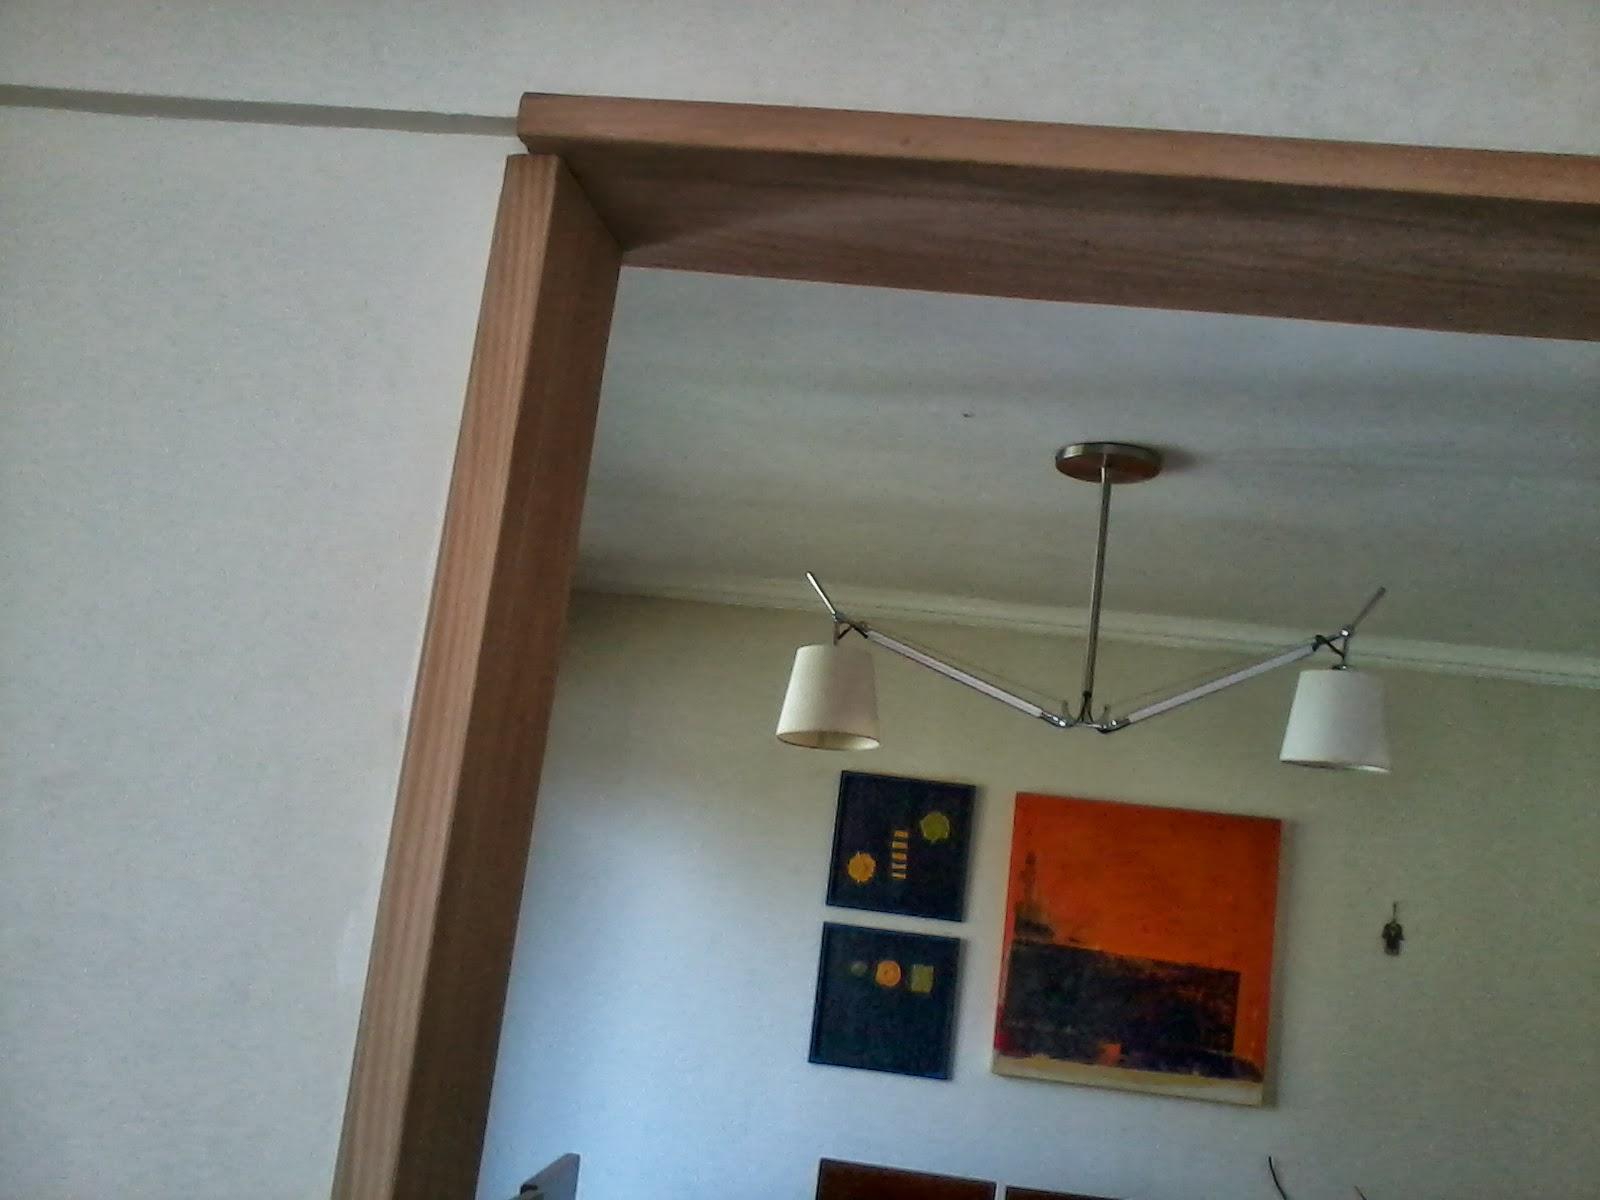 Constructora carmiel dintel y pilares en madera de roble - Dintel de madera ...